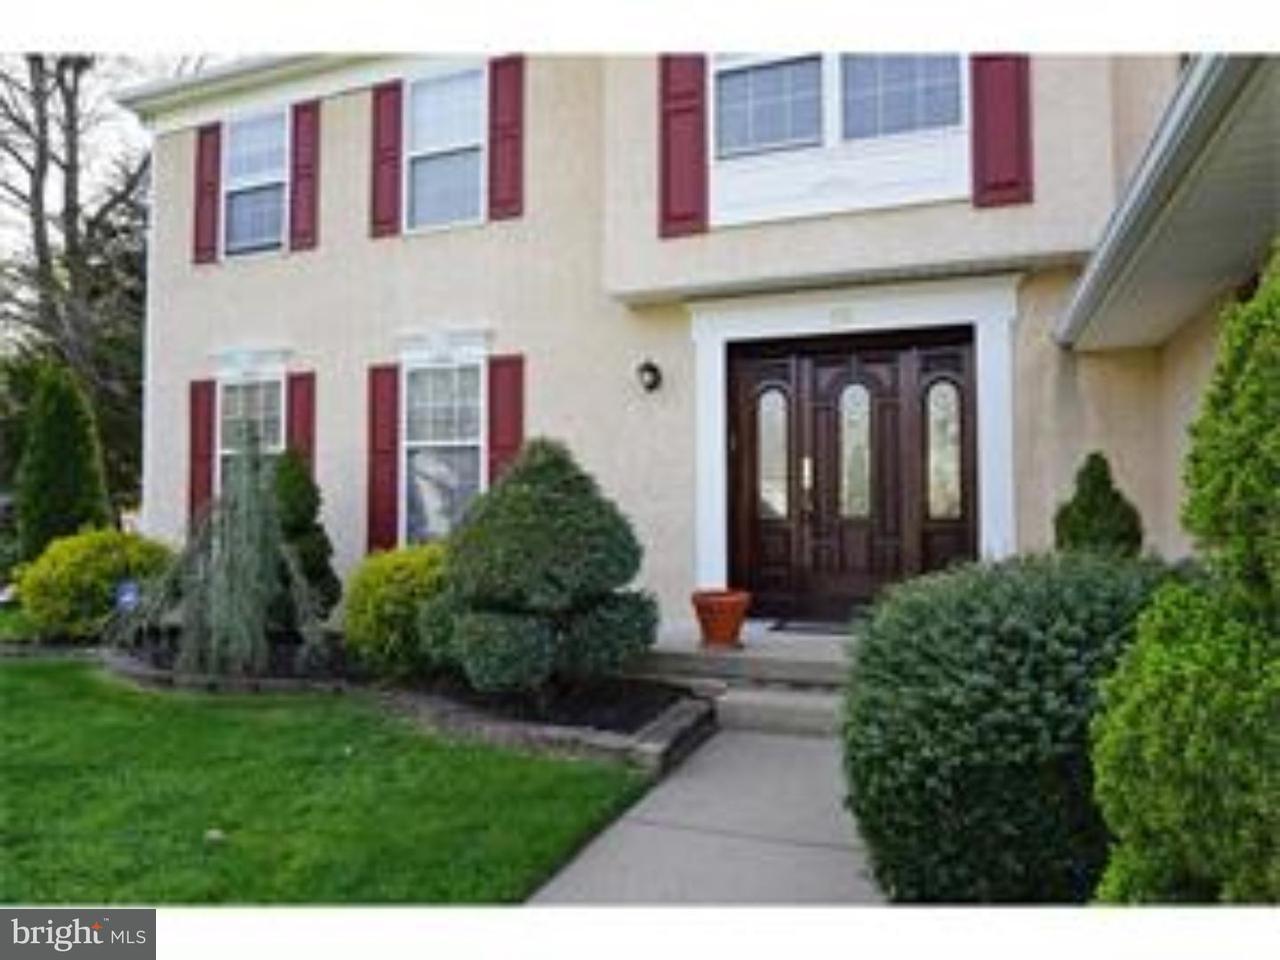 Casa Unifamiliar por un Alquiler en 50 WHITALL Drive Sicklerville, Nueva Jersey 08081 Estados Unidos